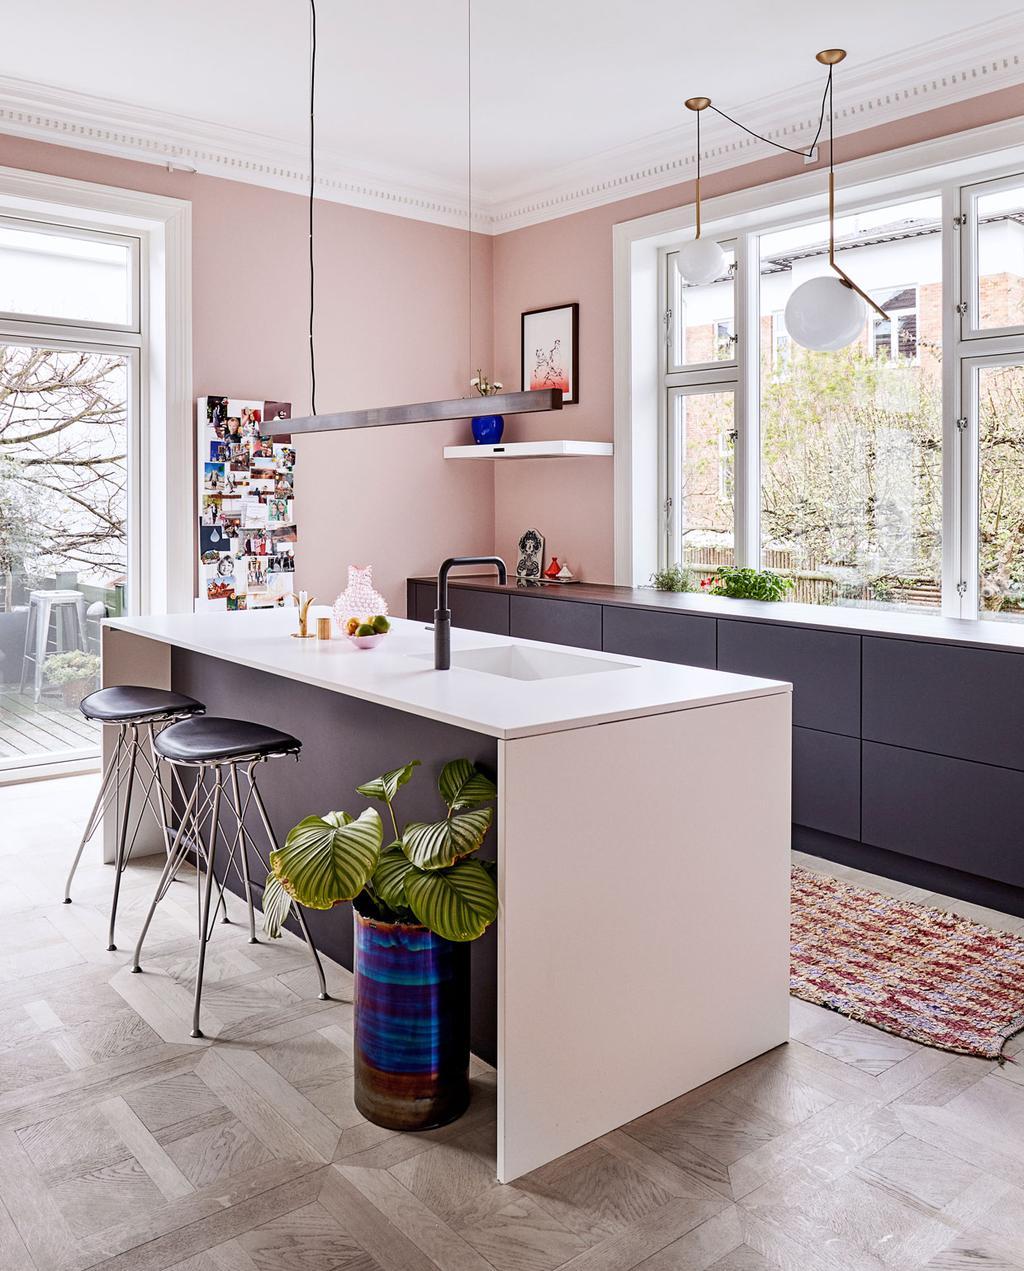 vtwonen 10-2019 | woonkeuken keuken roze wand